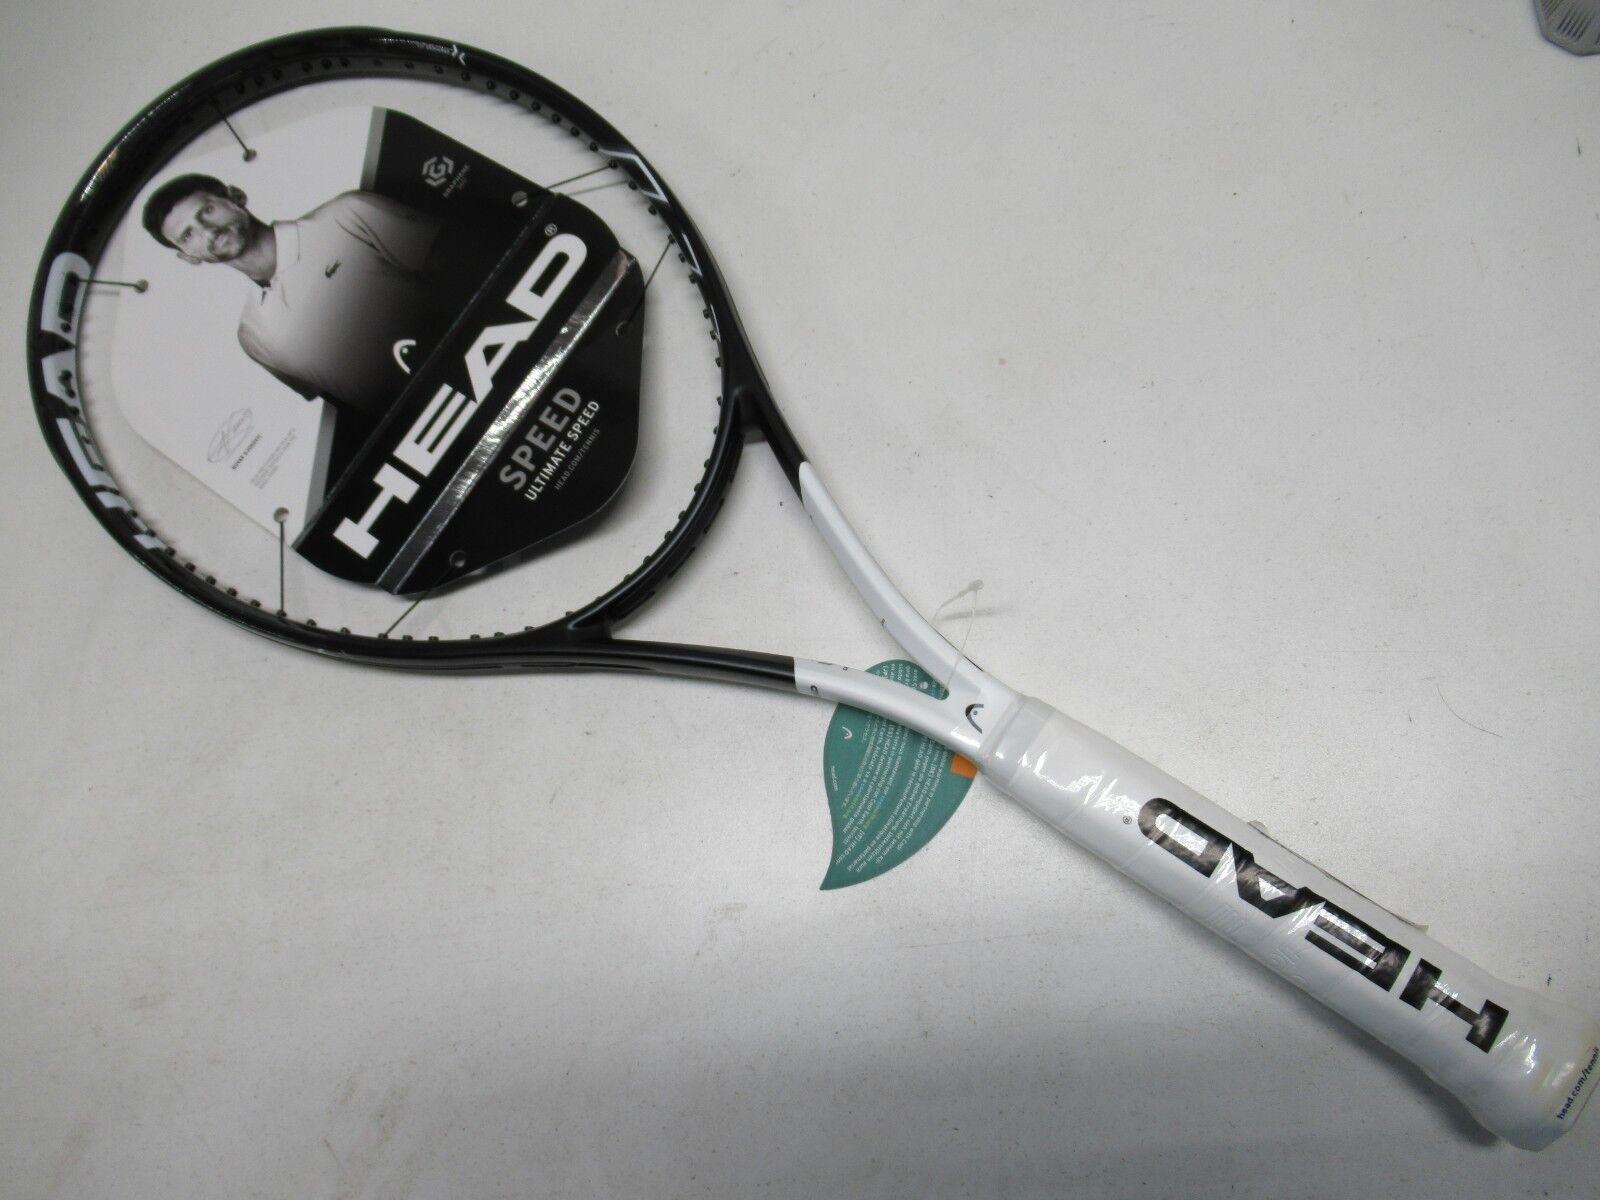 nuevo  2018 19 Head Graphene 360 velocidad   MP  tenis raqueta (4 3 8)  Web oficial